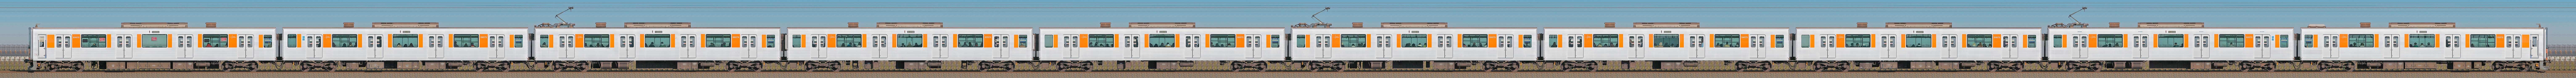 東武50070型51072編成(山側)の編成サイドビュー